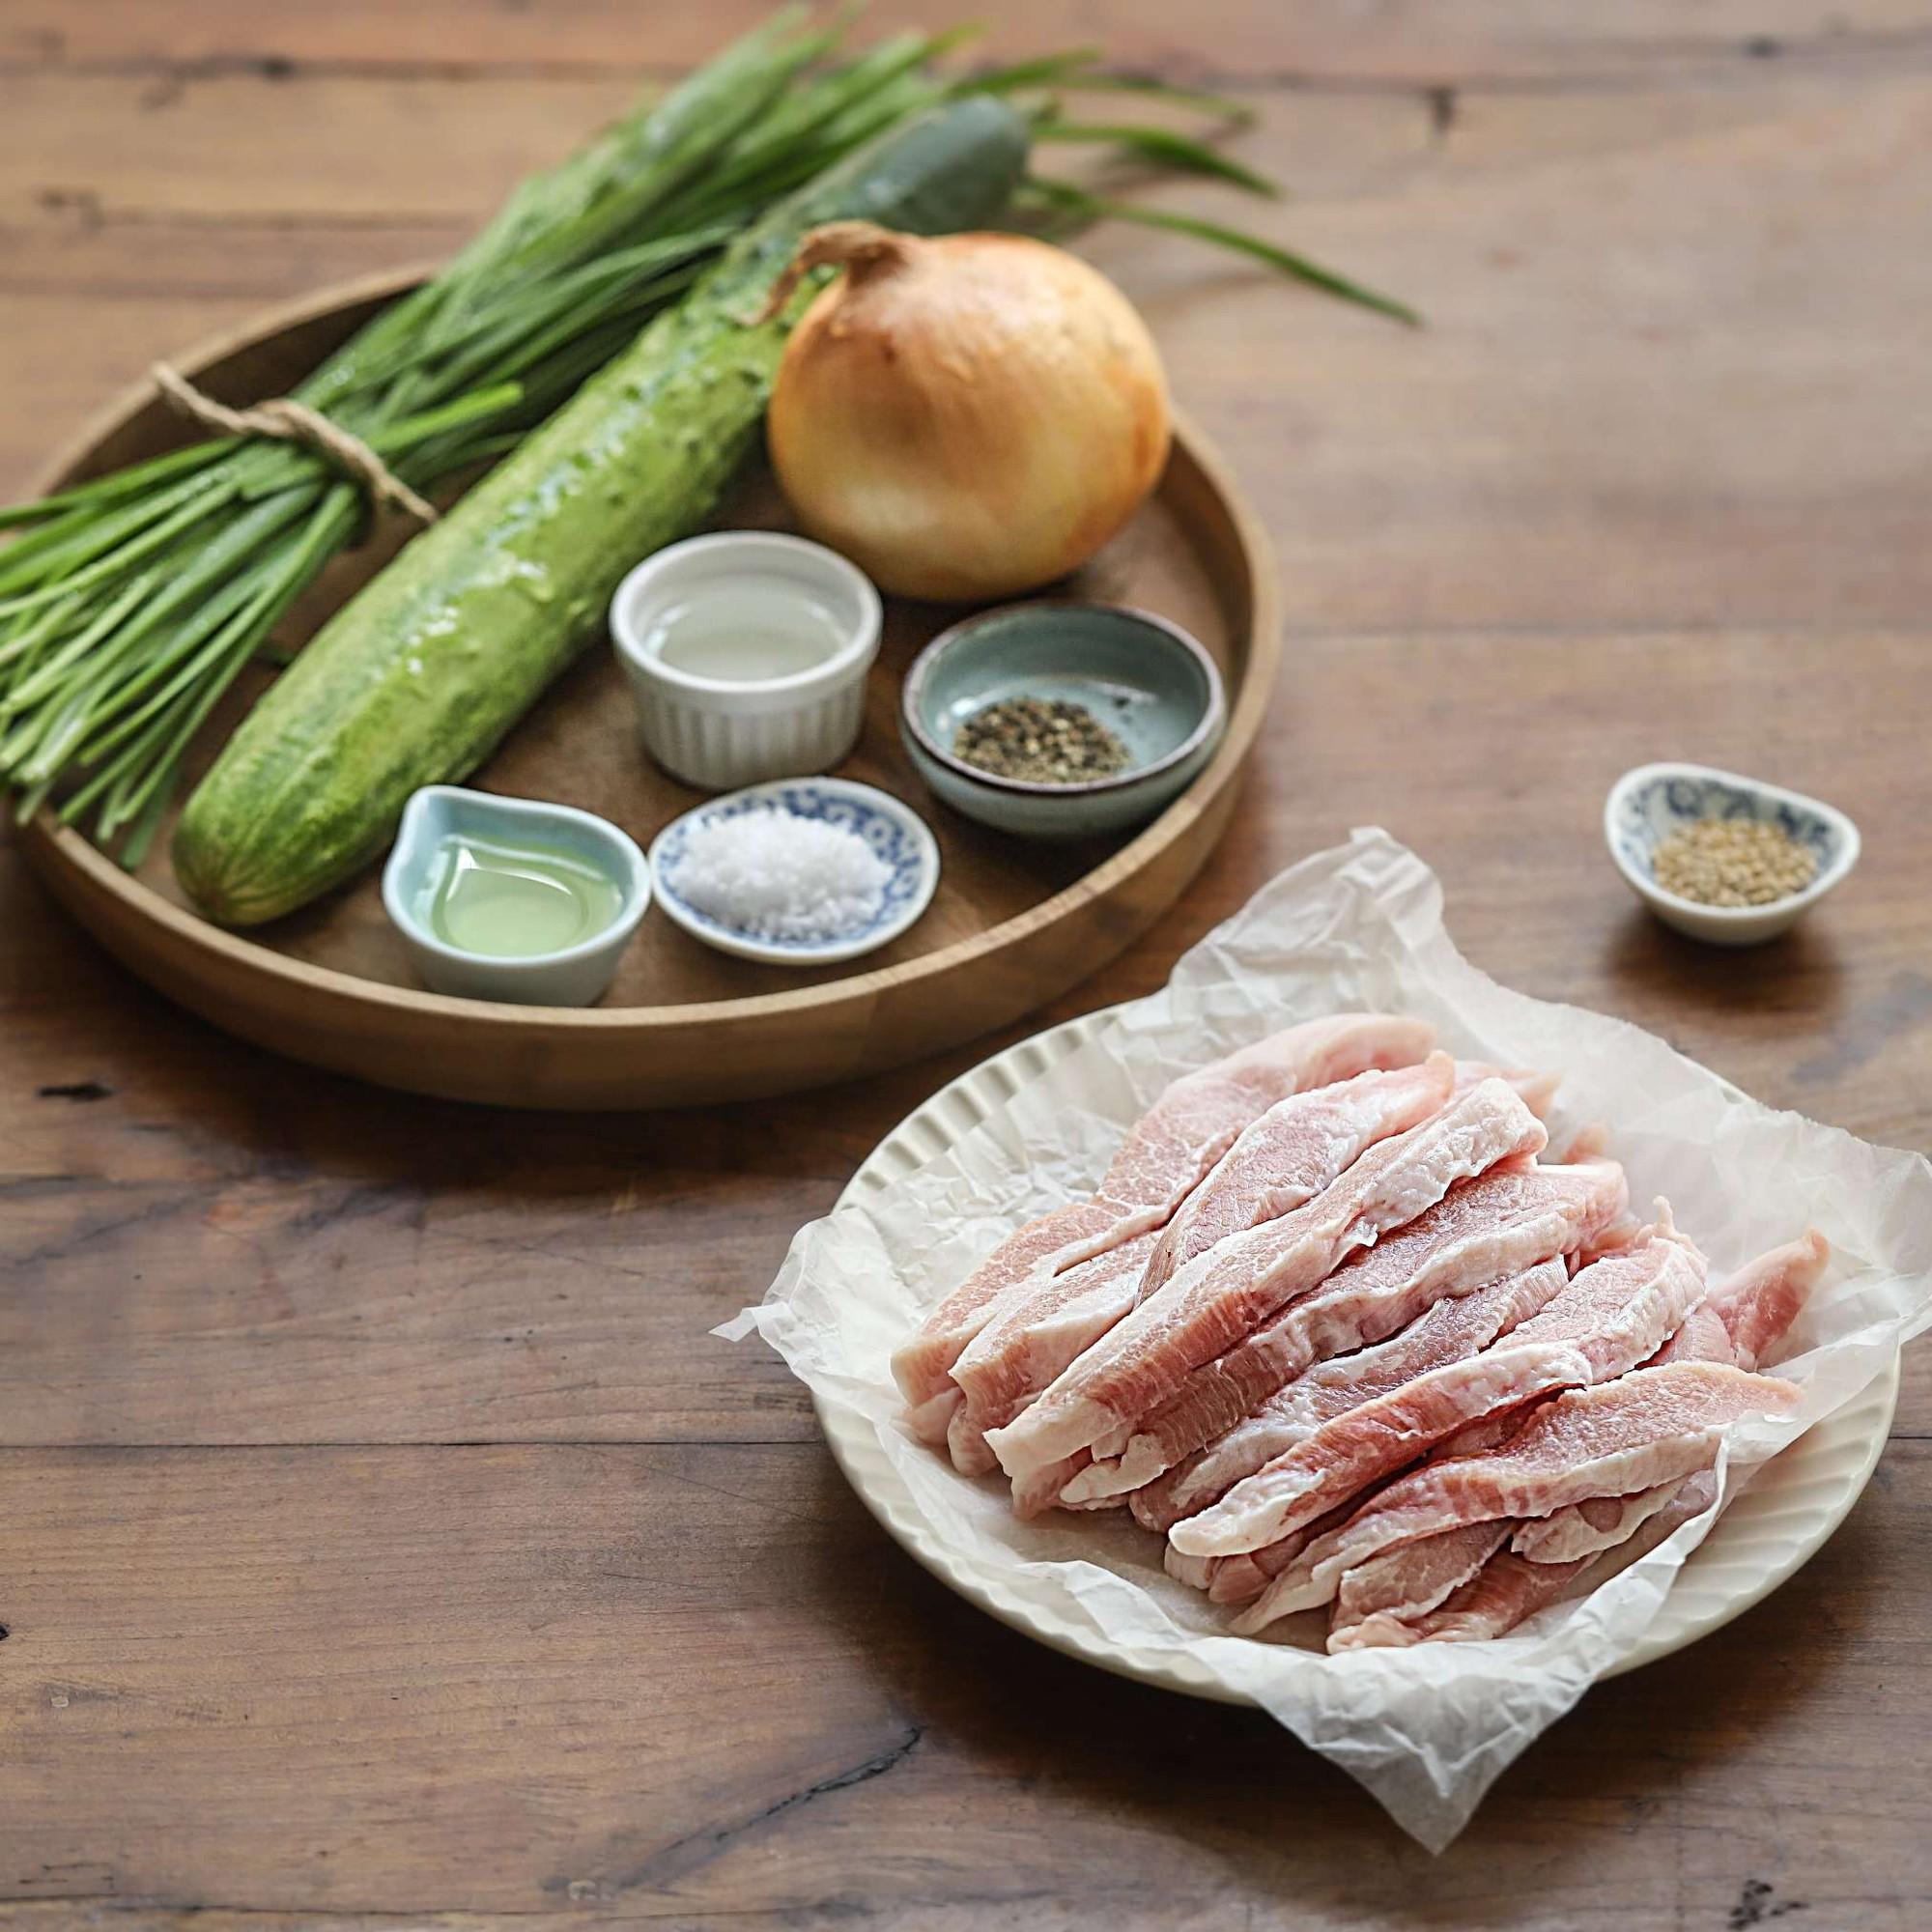 Học người Hàn làm món thịt trộn siêu tốc cho bữa tối ngon xuất sắc - Ảnh 1.